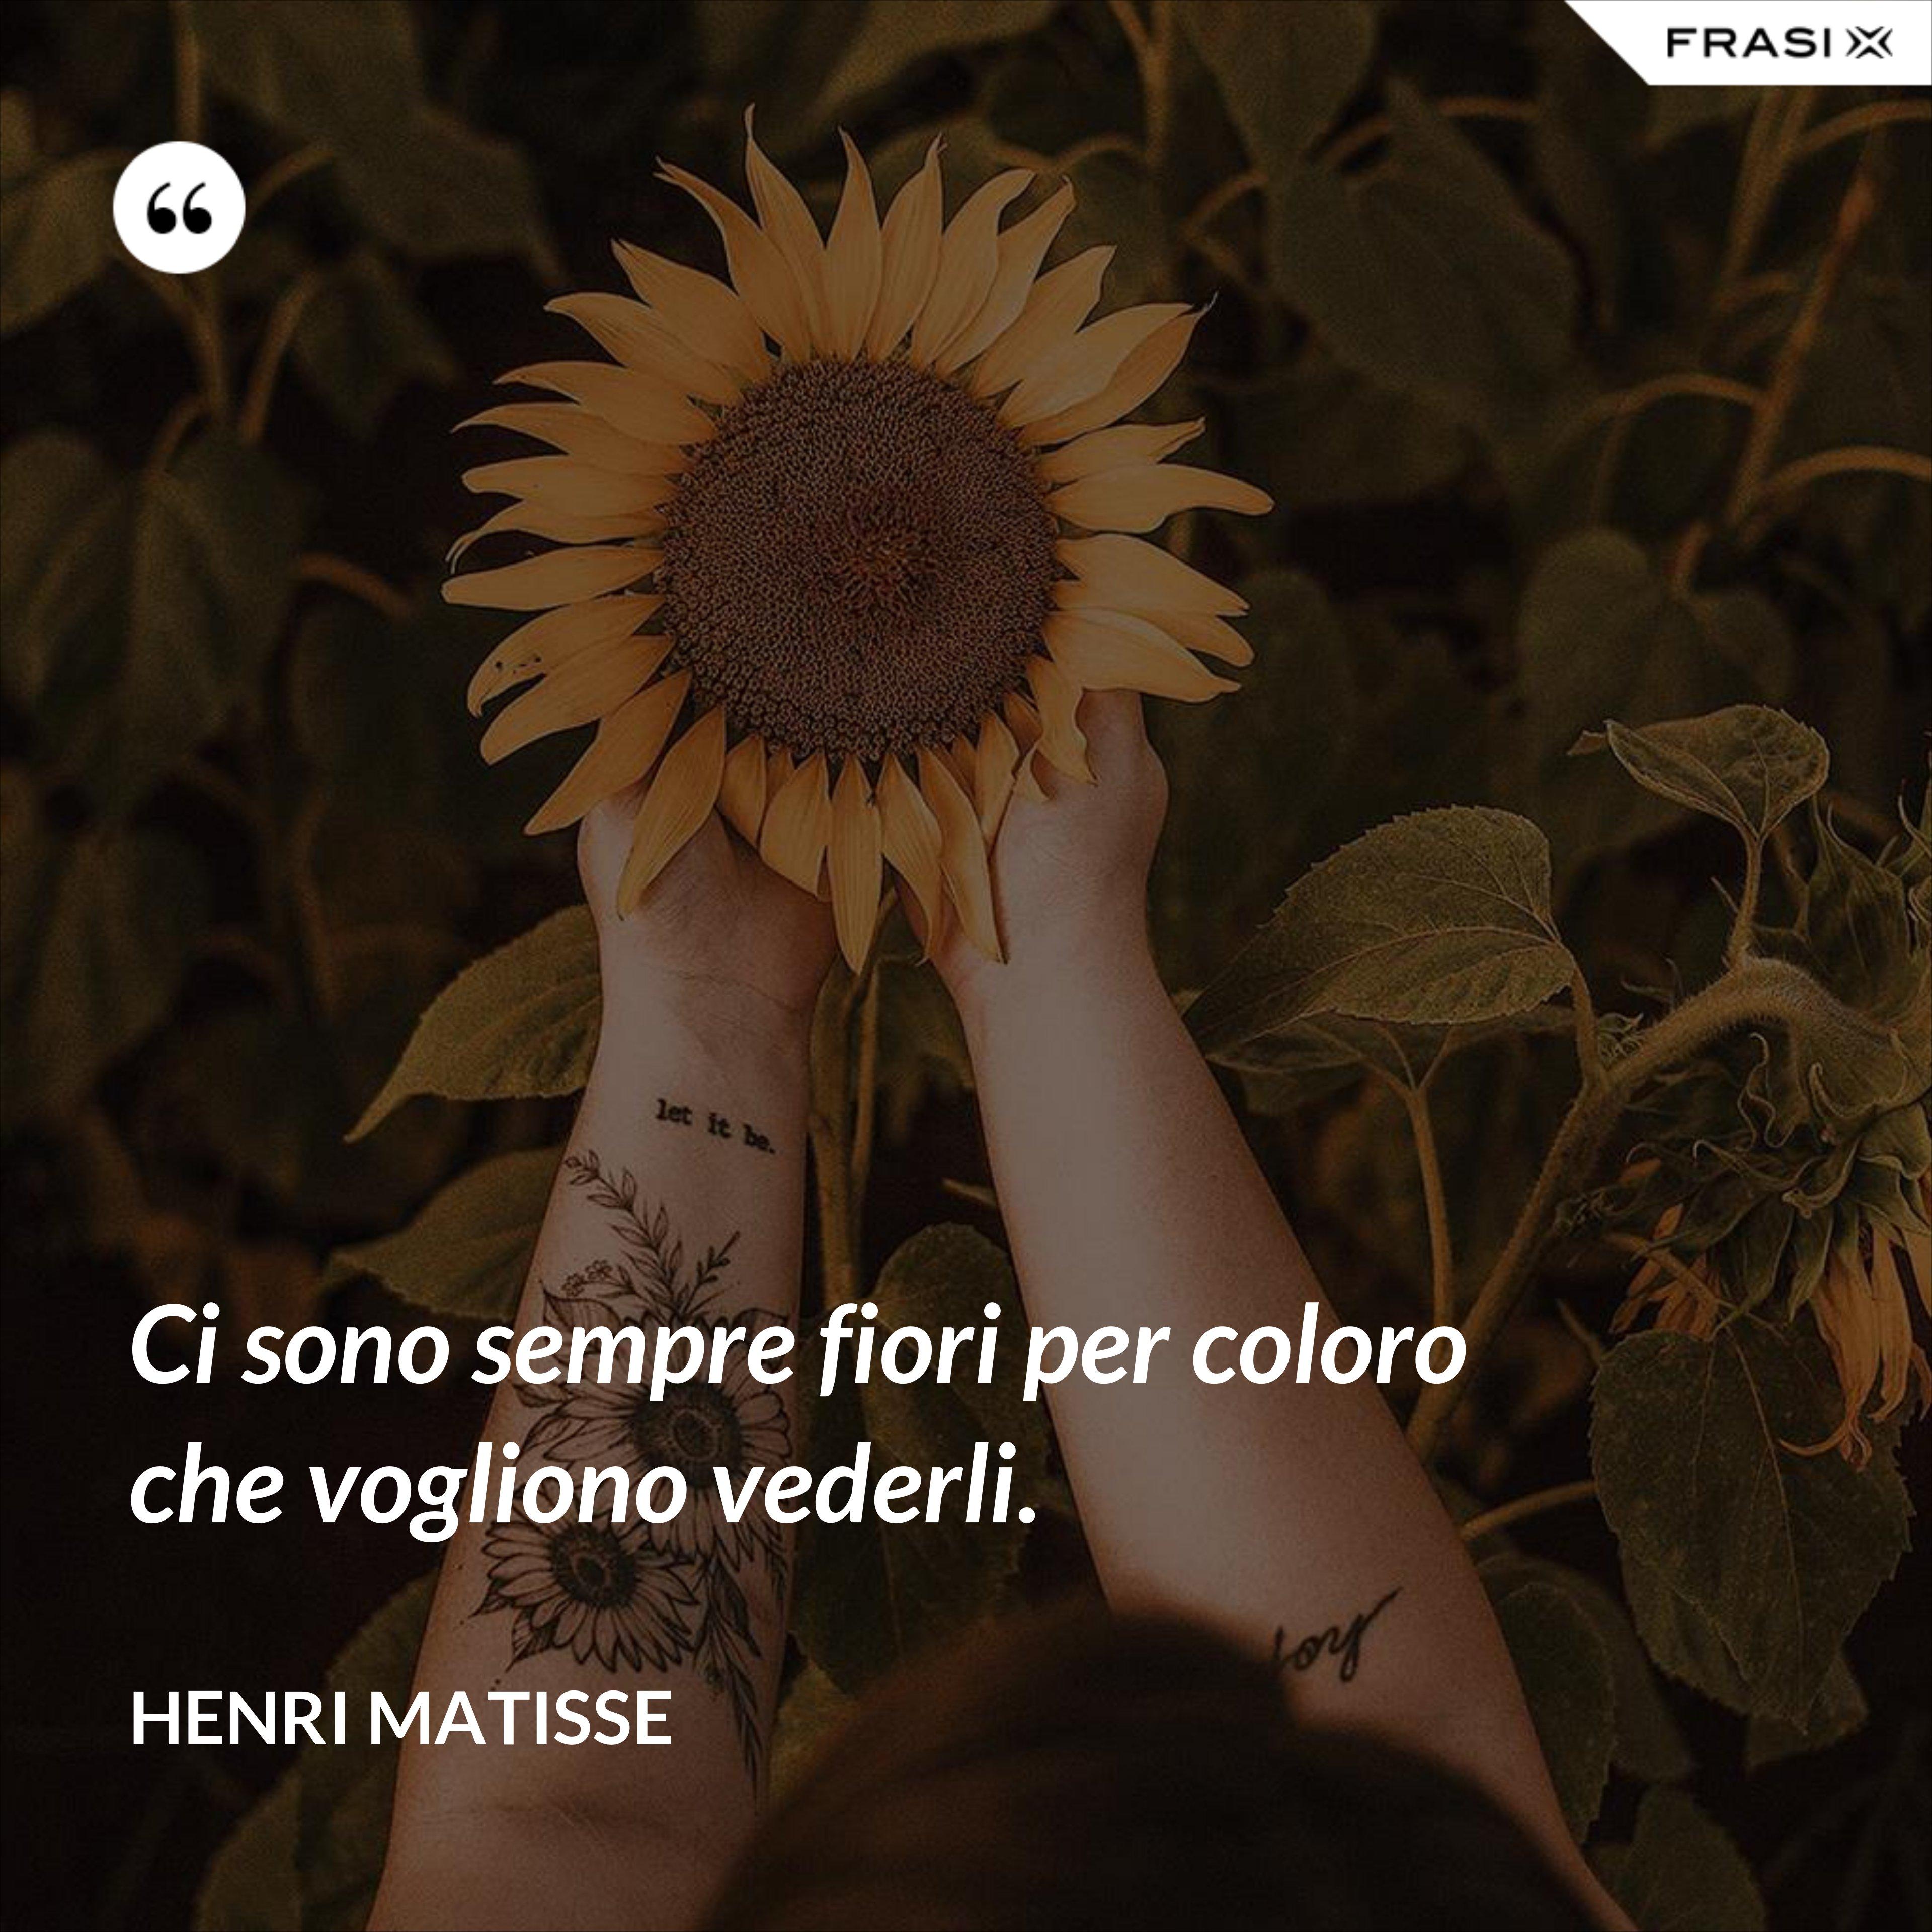 Ci sono sempre fiori per coloro che vogliono vederli. - Henri Matisse